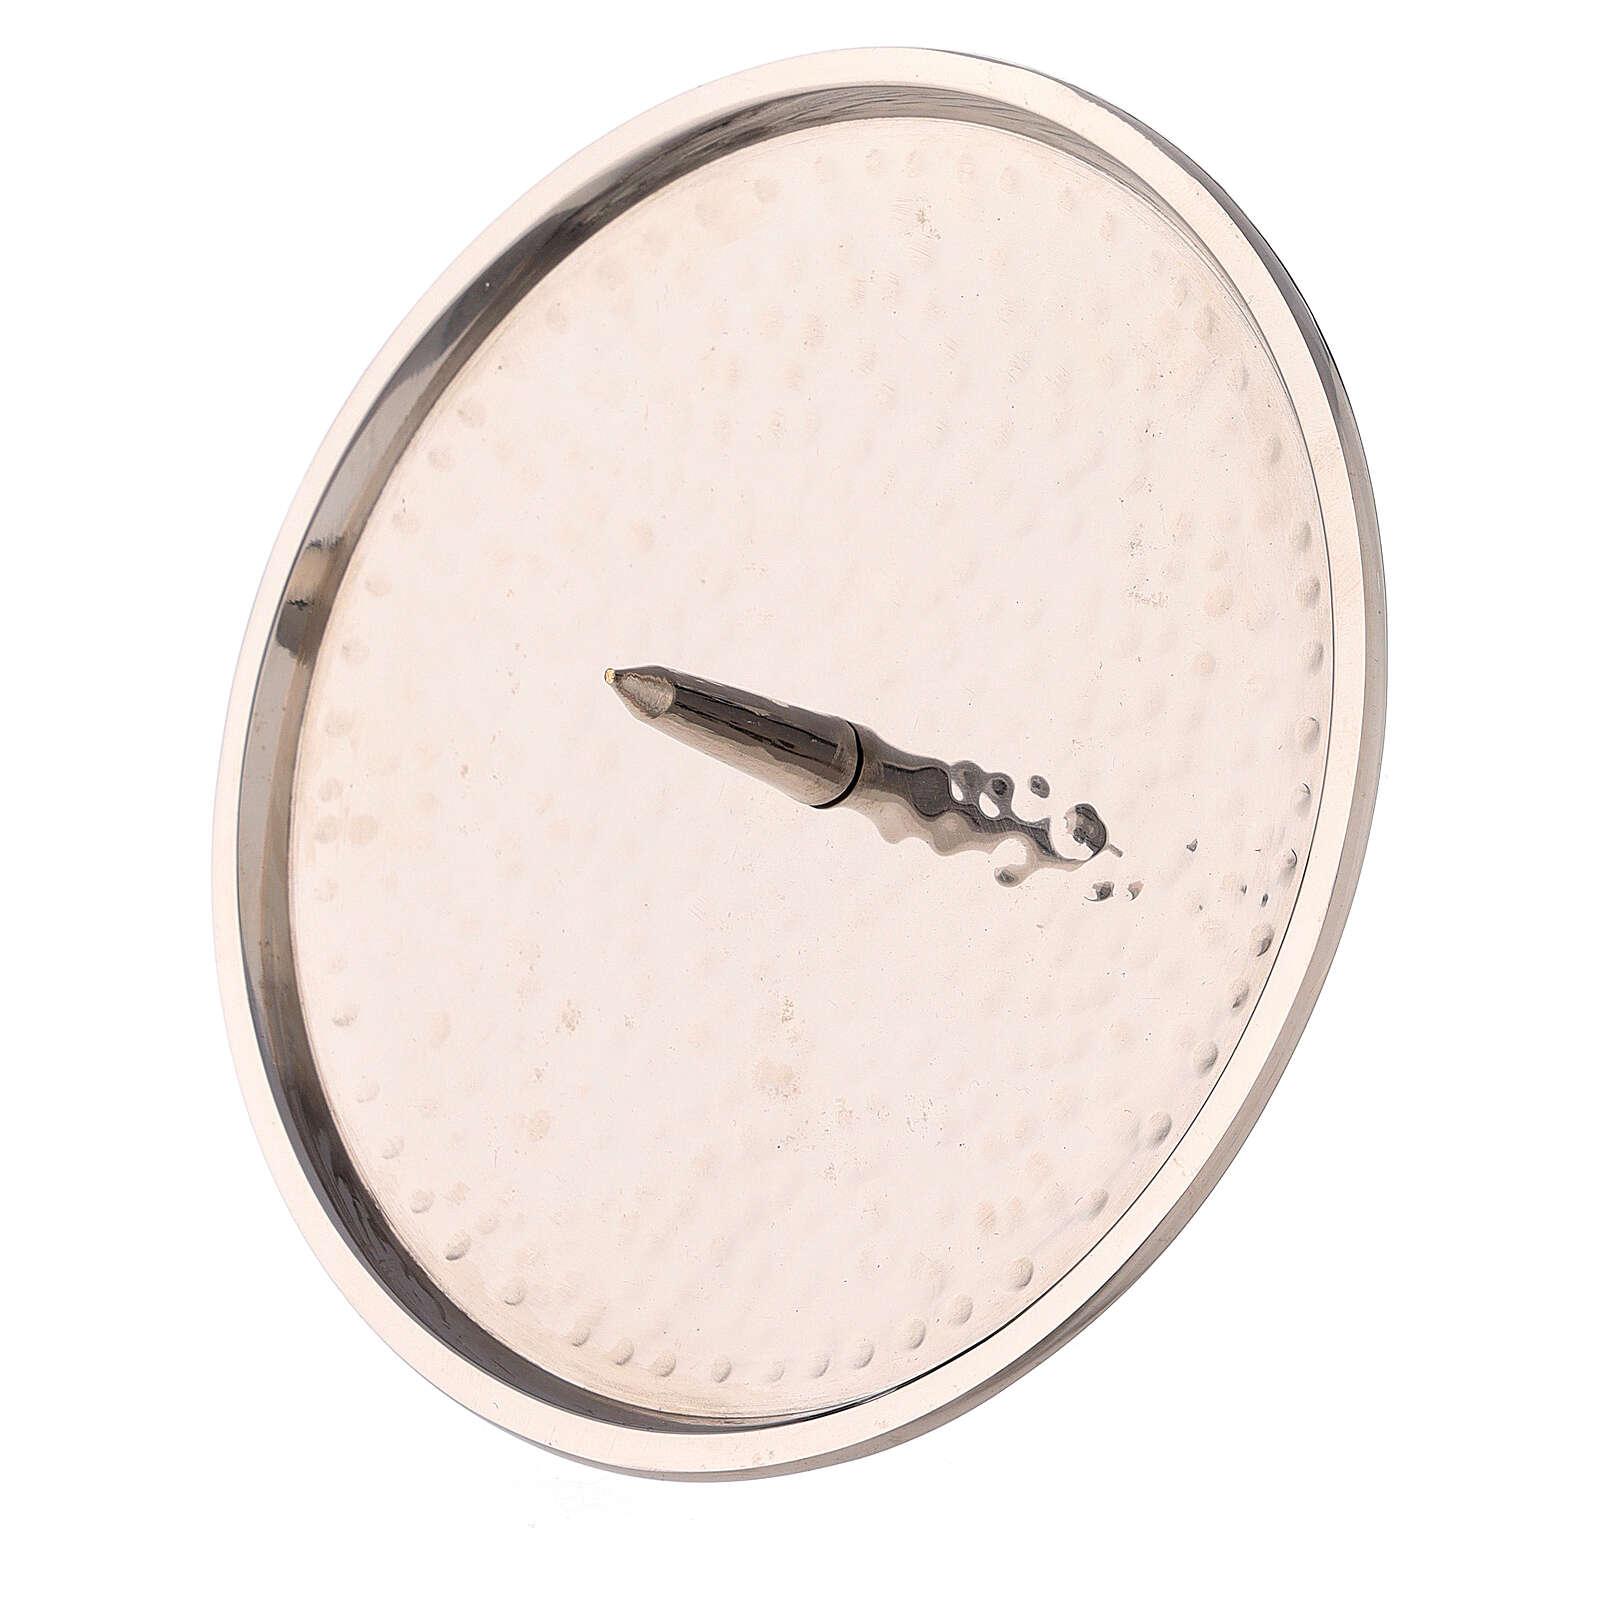 Piatto portacandela ottone nichelato martellato 12 cm 3